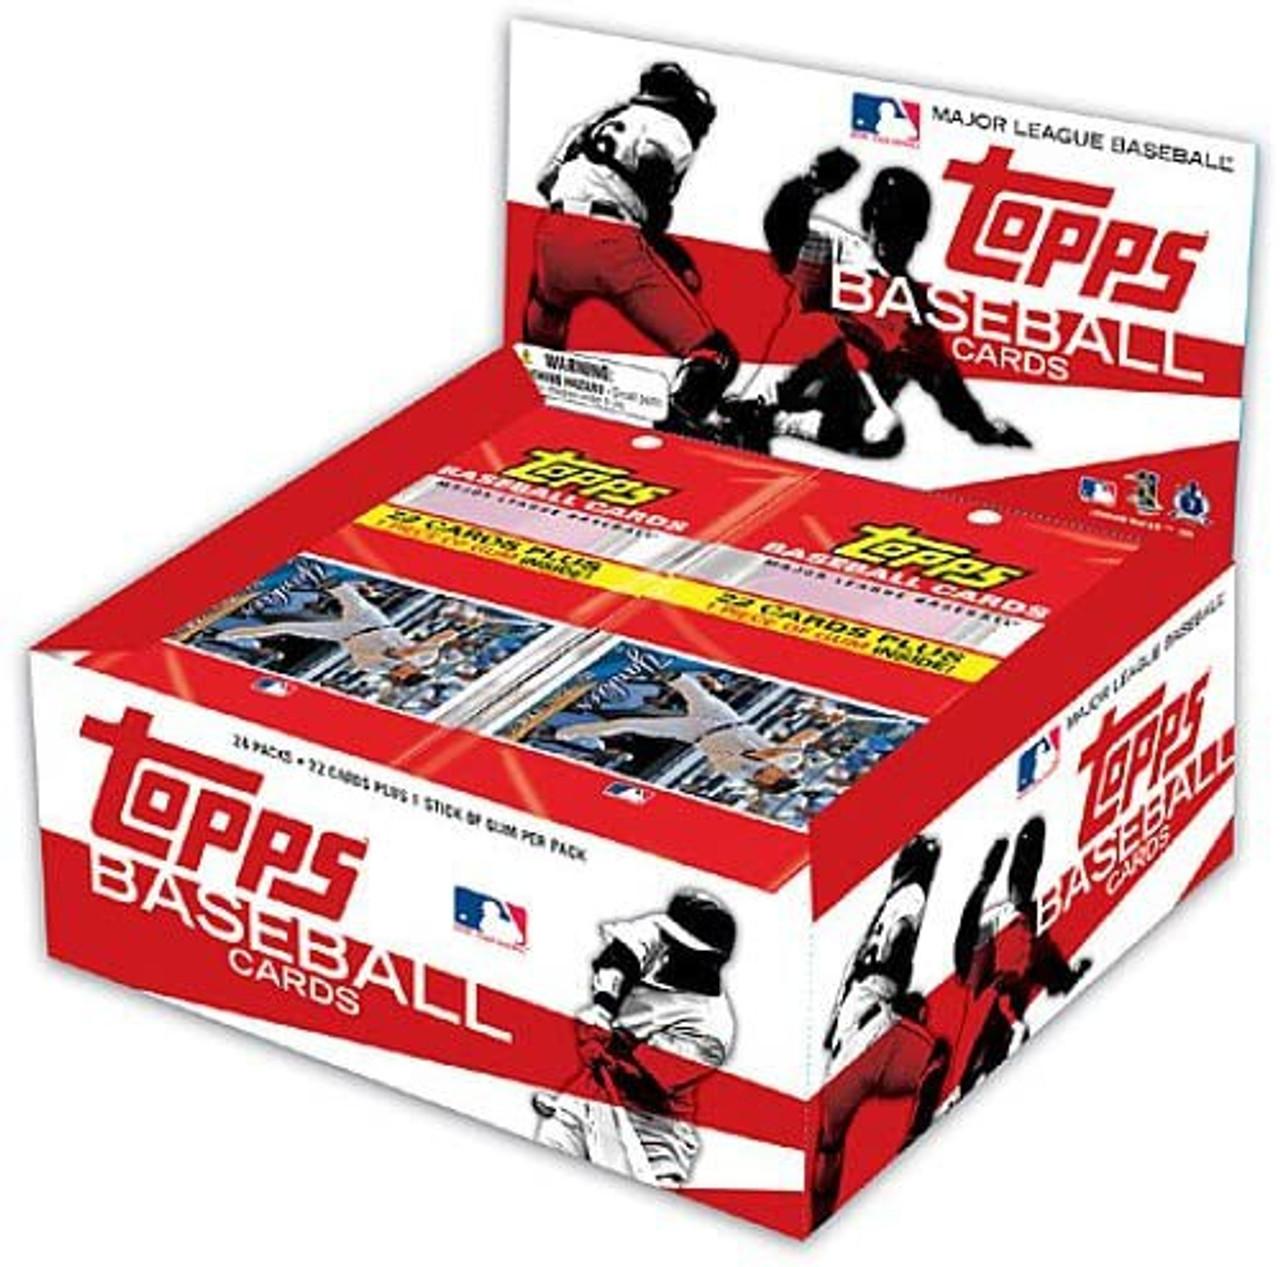 Mlb 2010 Topps Baseball Cards Hanger Pack Box